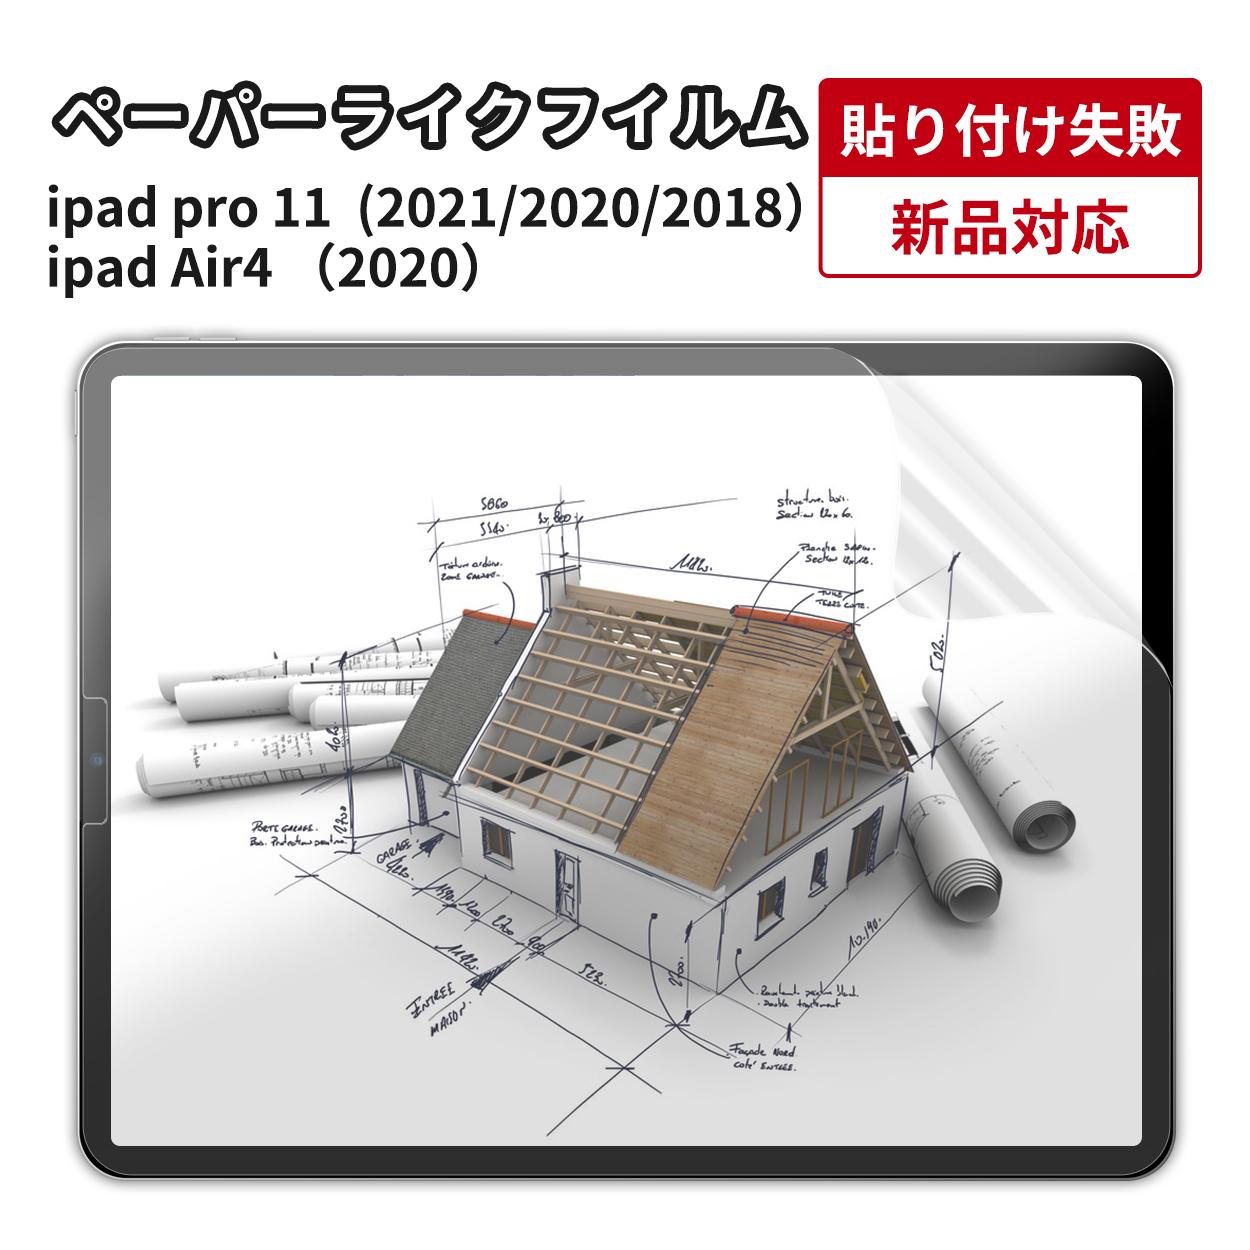 本店 ペーパーライクフィルムiPad Air4 iPad Pro 11 2021 2020 2018 モデル対応 紙のような描き心地 ギフ_包装 ペン先の磨耗低減仕様 貼り付け失敗無料交換 送料無料 2021年9月スーパーセール半額 ペーパーライク 12.9 air Air ipad Pro11 pro 11フィルム 4 フィルム フィルムipad 10.9 第5世代